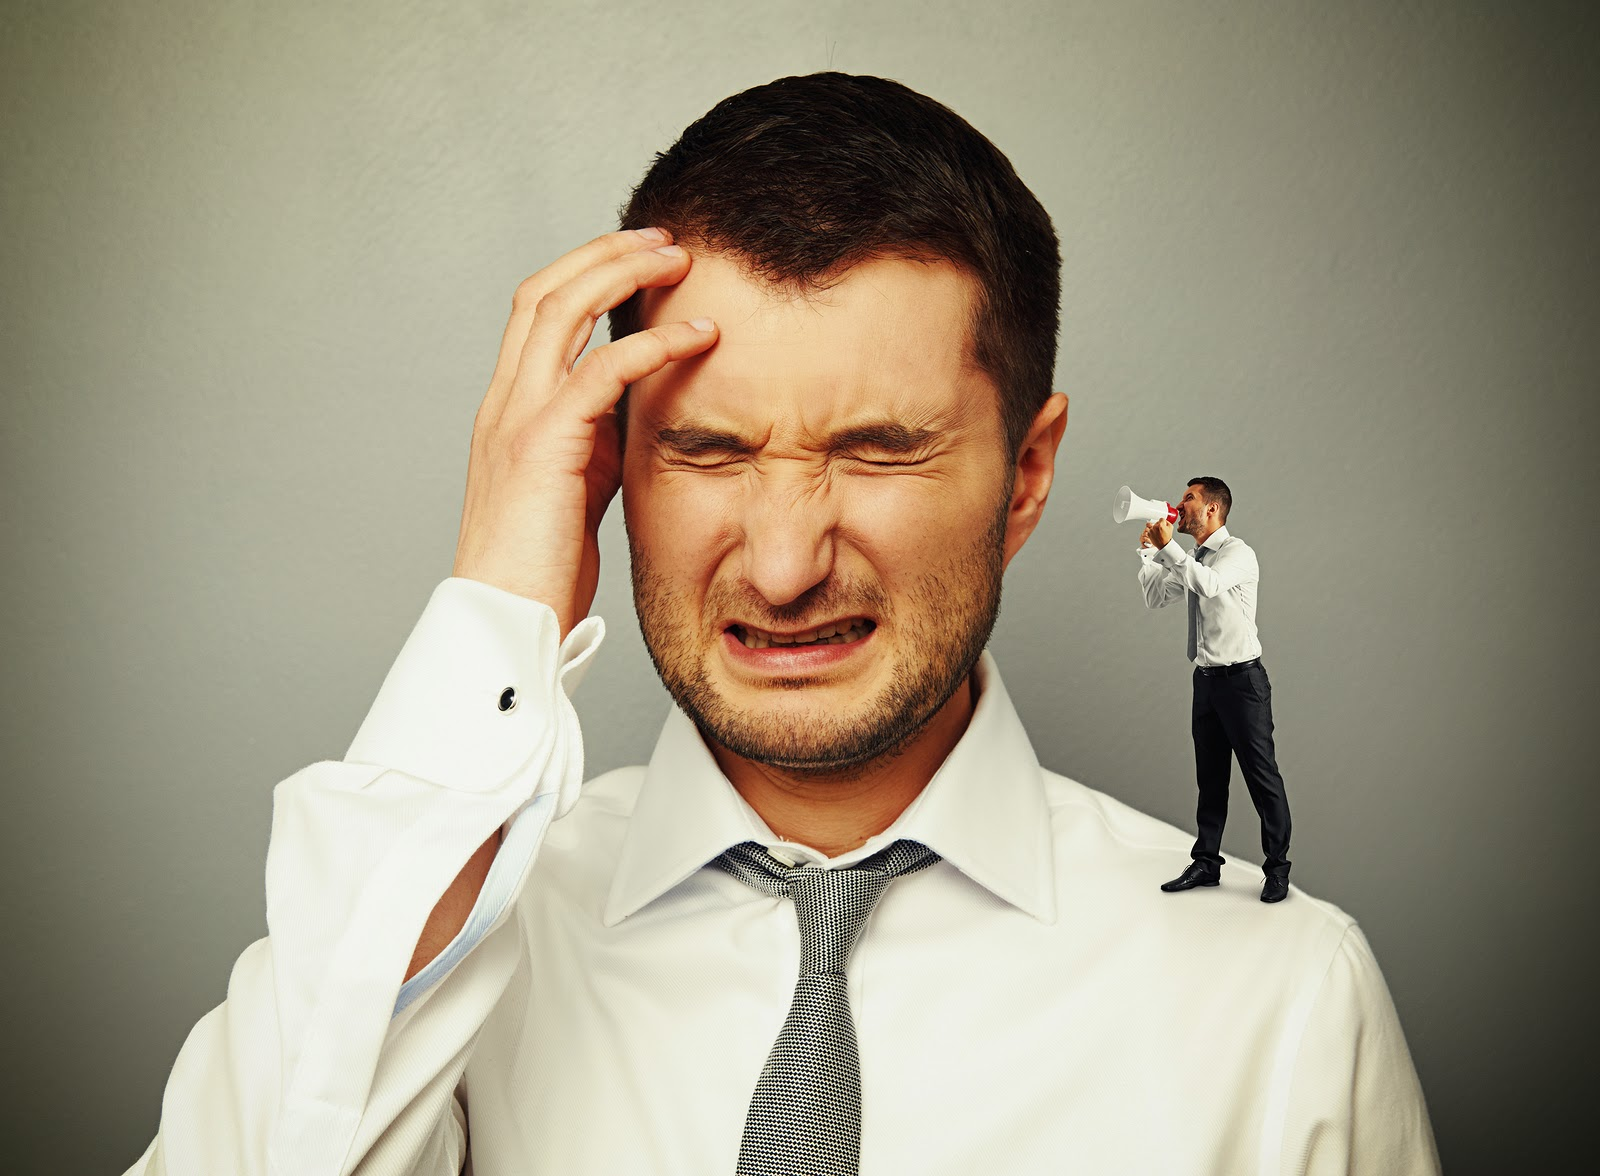 Поступаем мудро: топ-7 вещей, которые не стоит делать мудрым людям